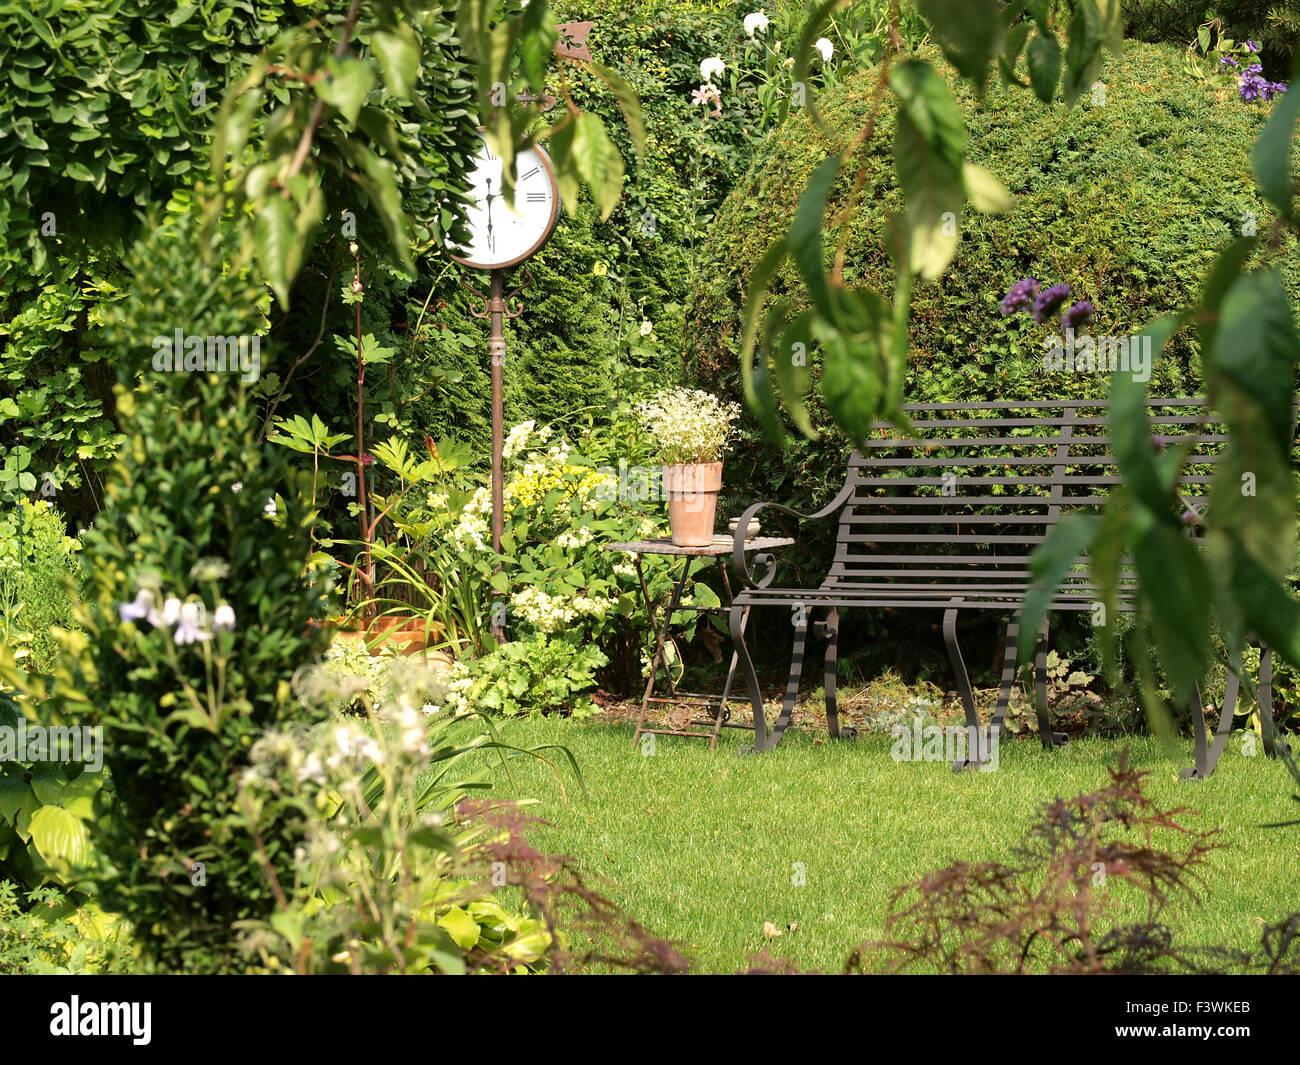 Wunderschön Sitzplatz Garten Referenz Von Garden Bench - Stock Image